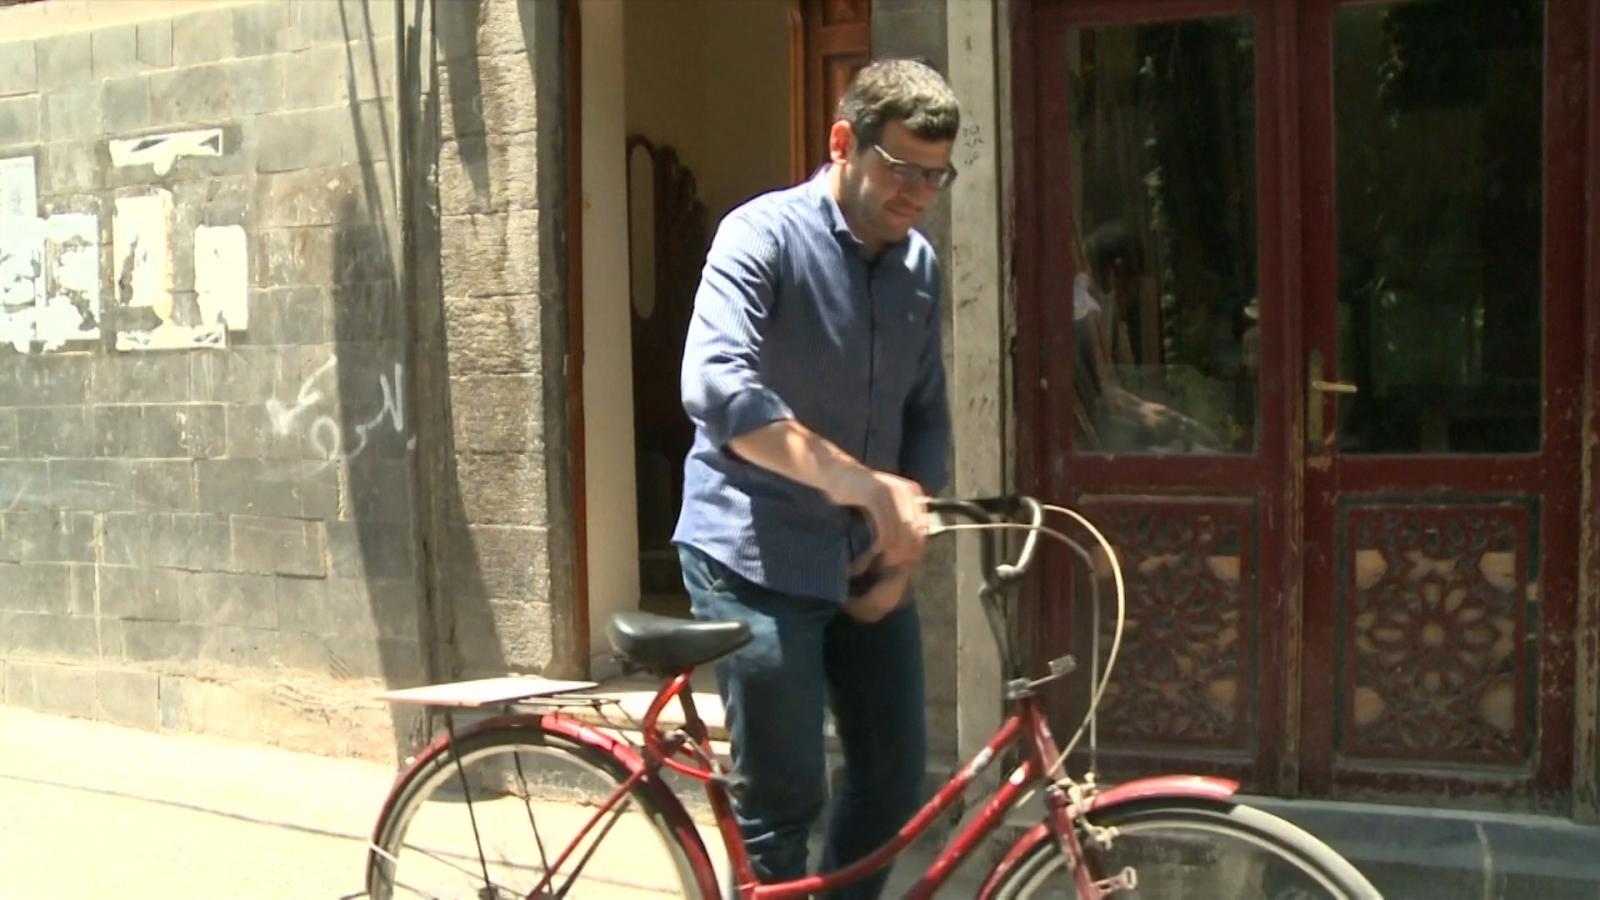 Syria cycling